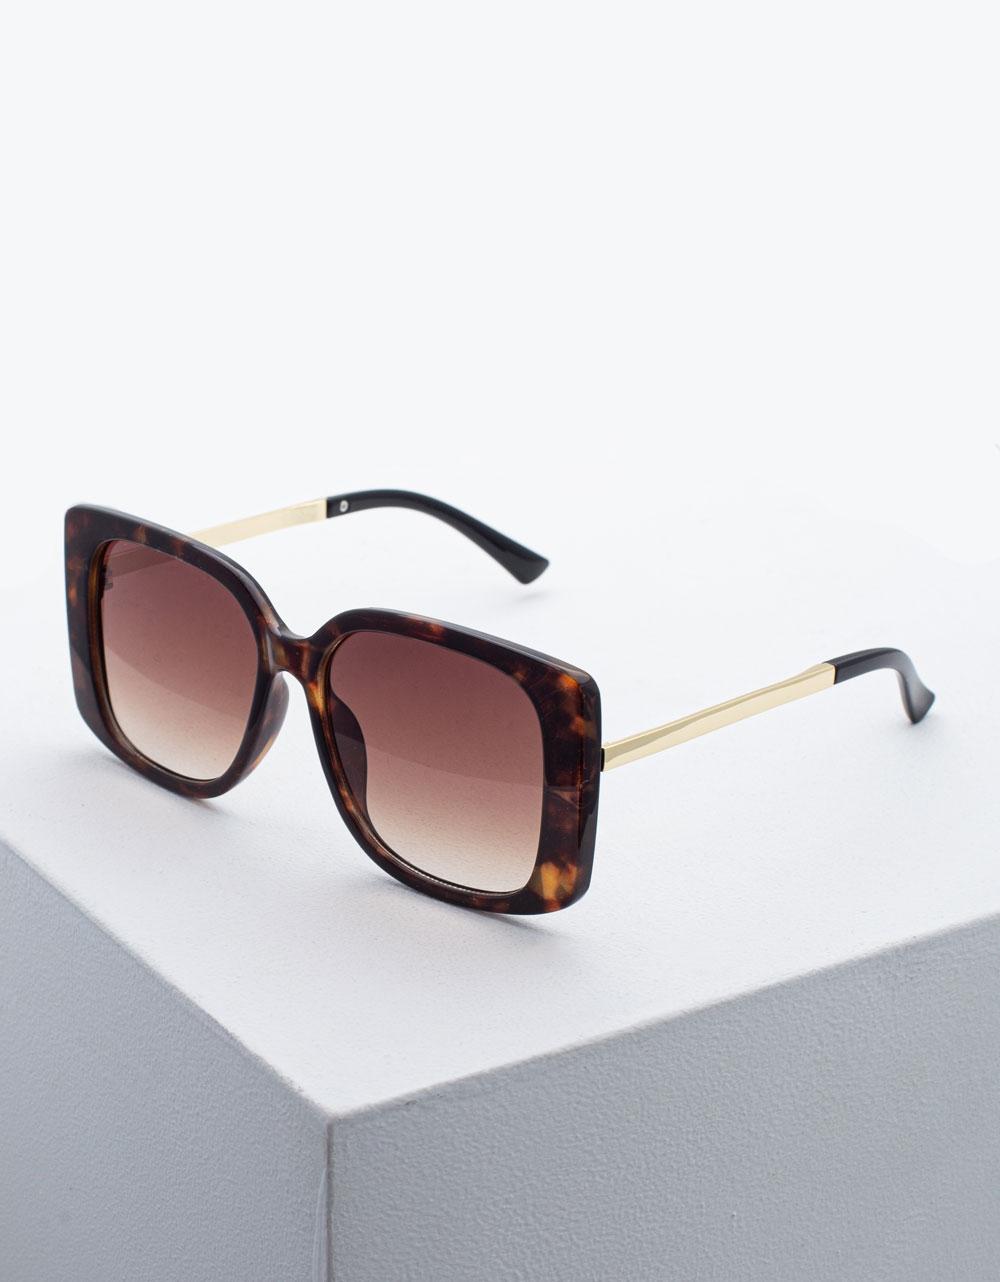 Εικόνα από Γυναικεία γυαλιά ηλίου σε τετράγωνο σχήμα Καφέ